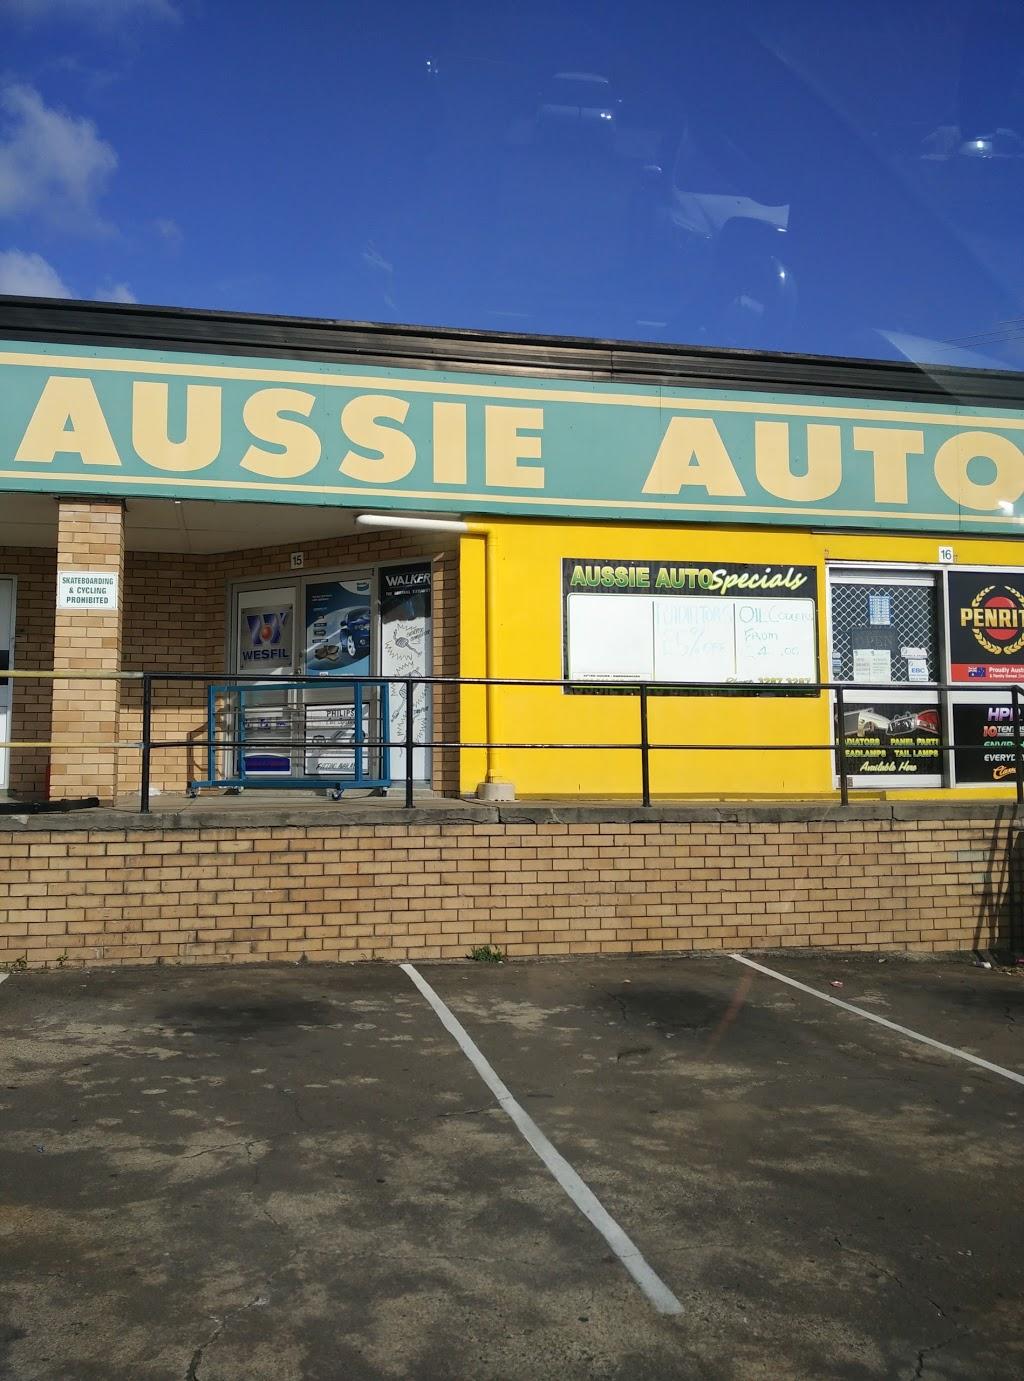 Aussie Auto Spare Parts | car repair | 63-65 George St, Beenleigh QLD 4207, Australia | 0732874779 OR +61 7 3287 4779